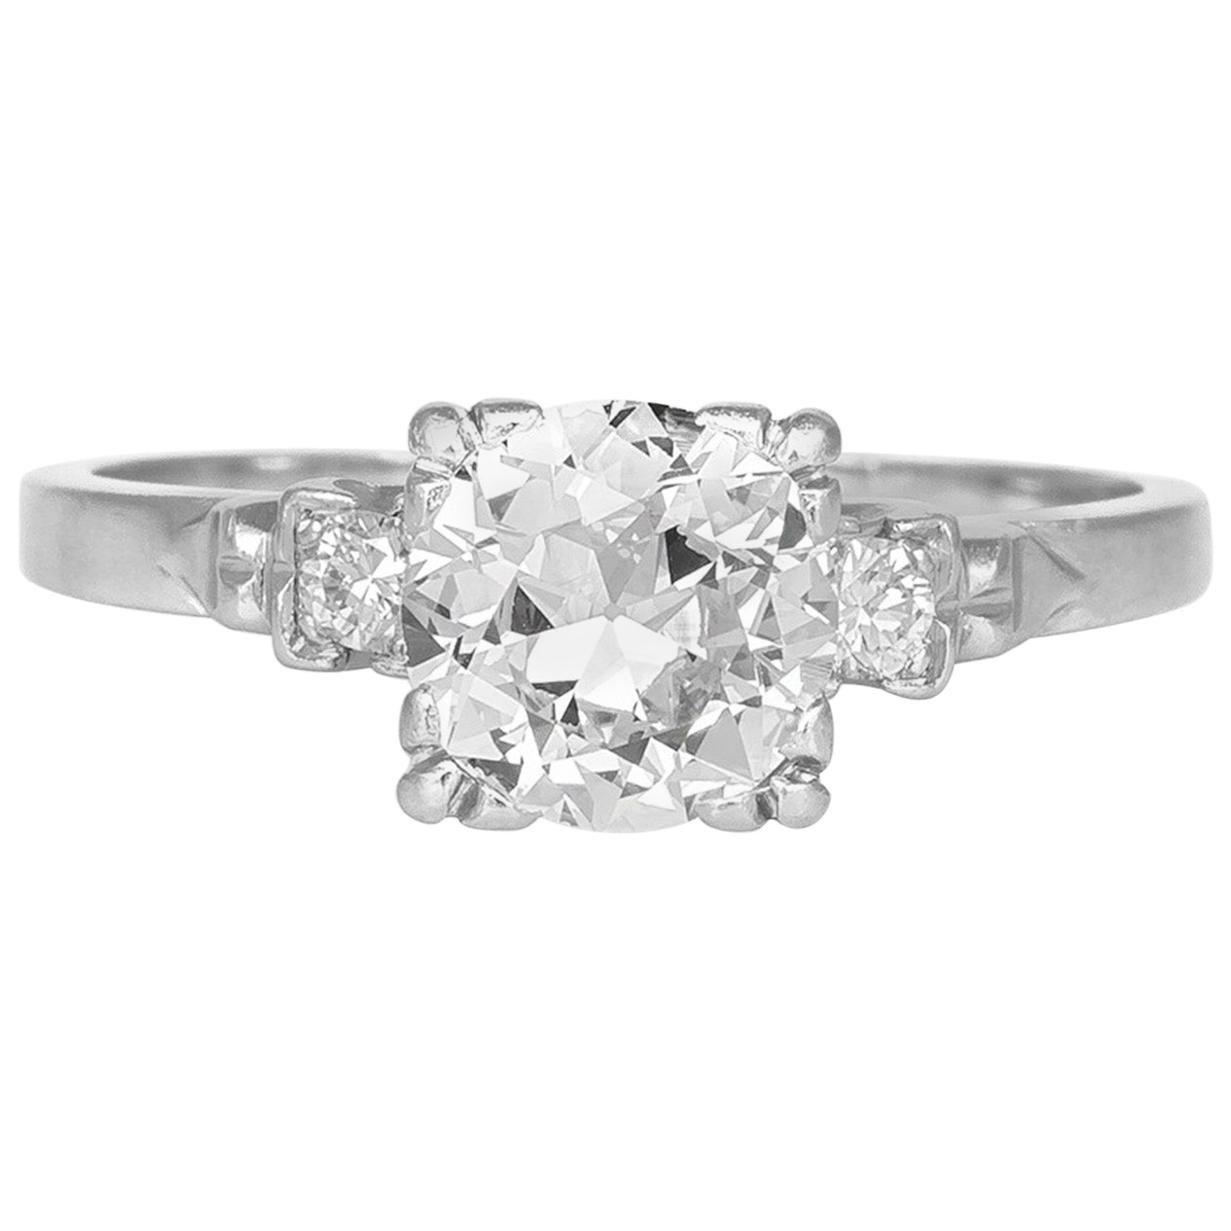 1.30 Carat 1920s-1930s Platinum Engagement Ring